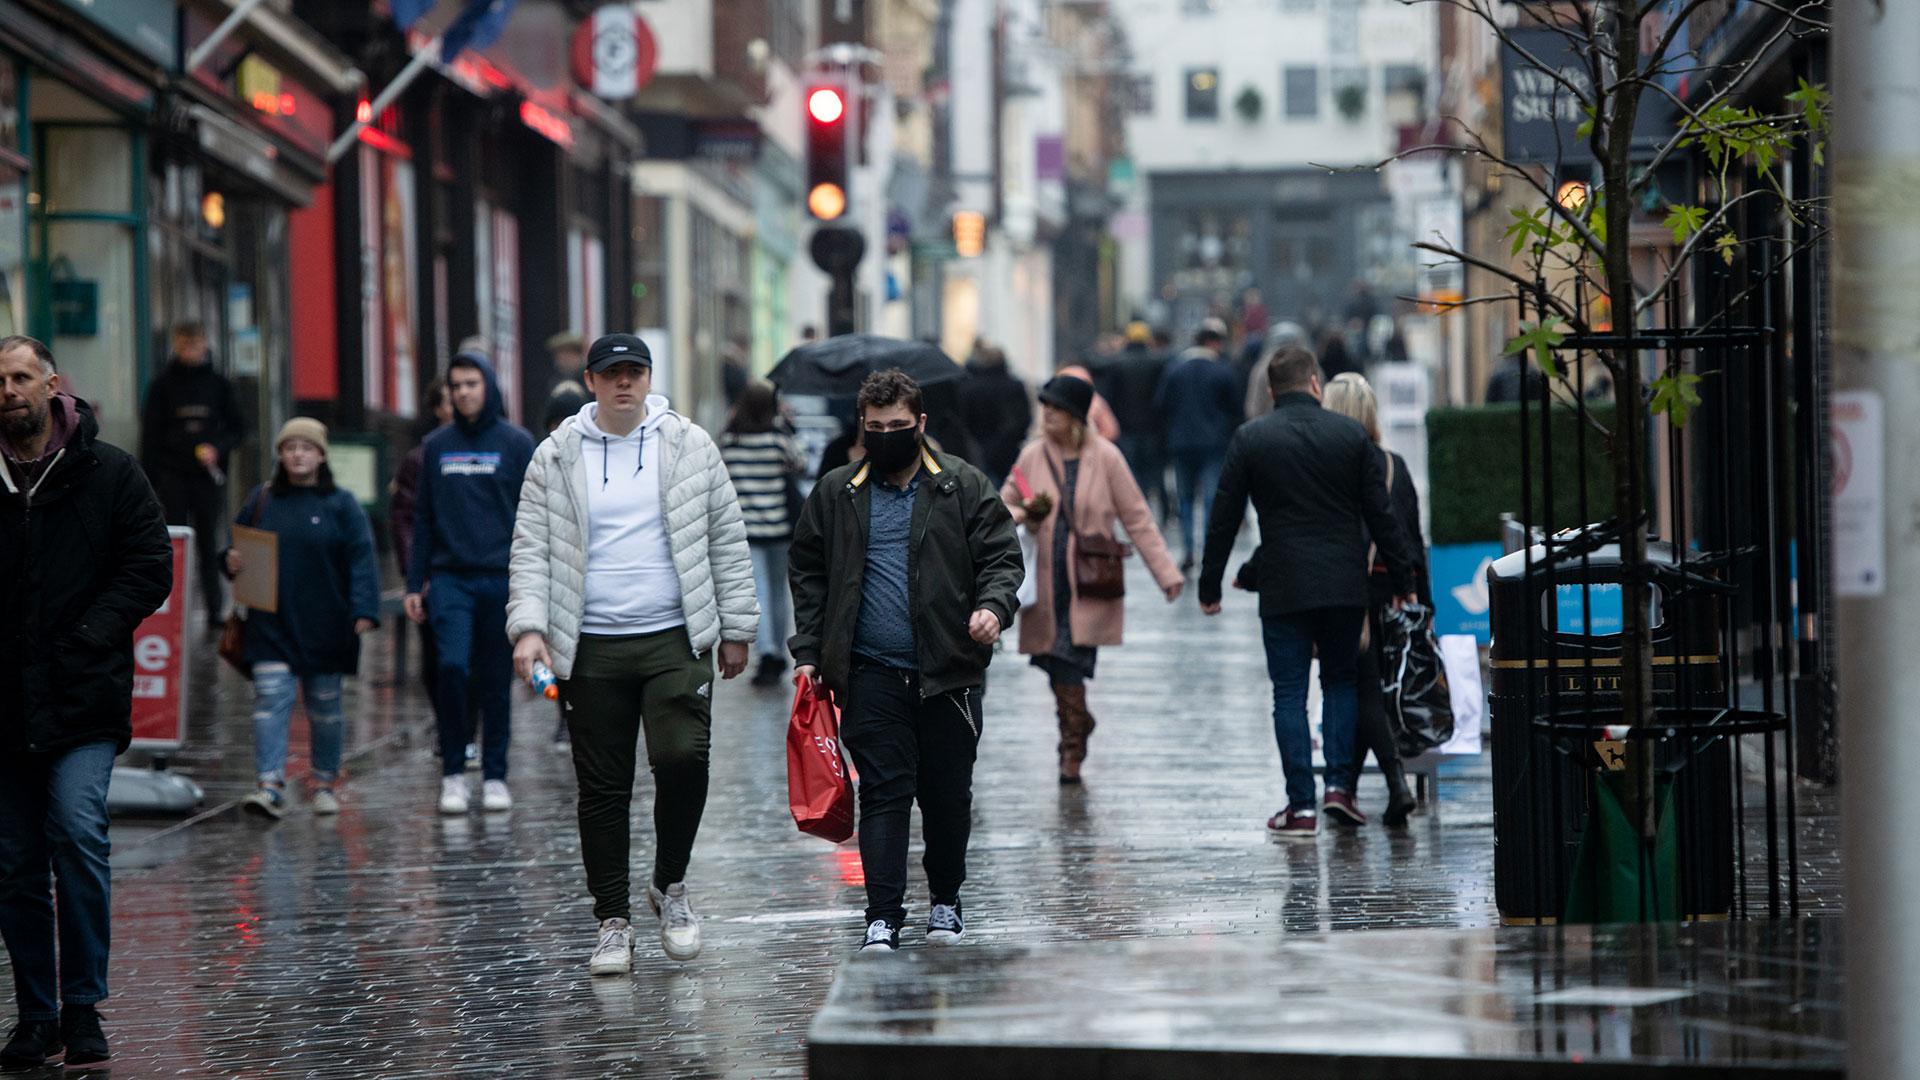 İngiltere'de son 24 saatte bin 449 kişi korona virüs nedeniyle hayatını kaybetti